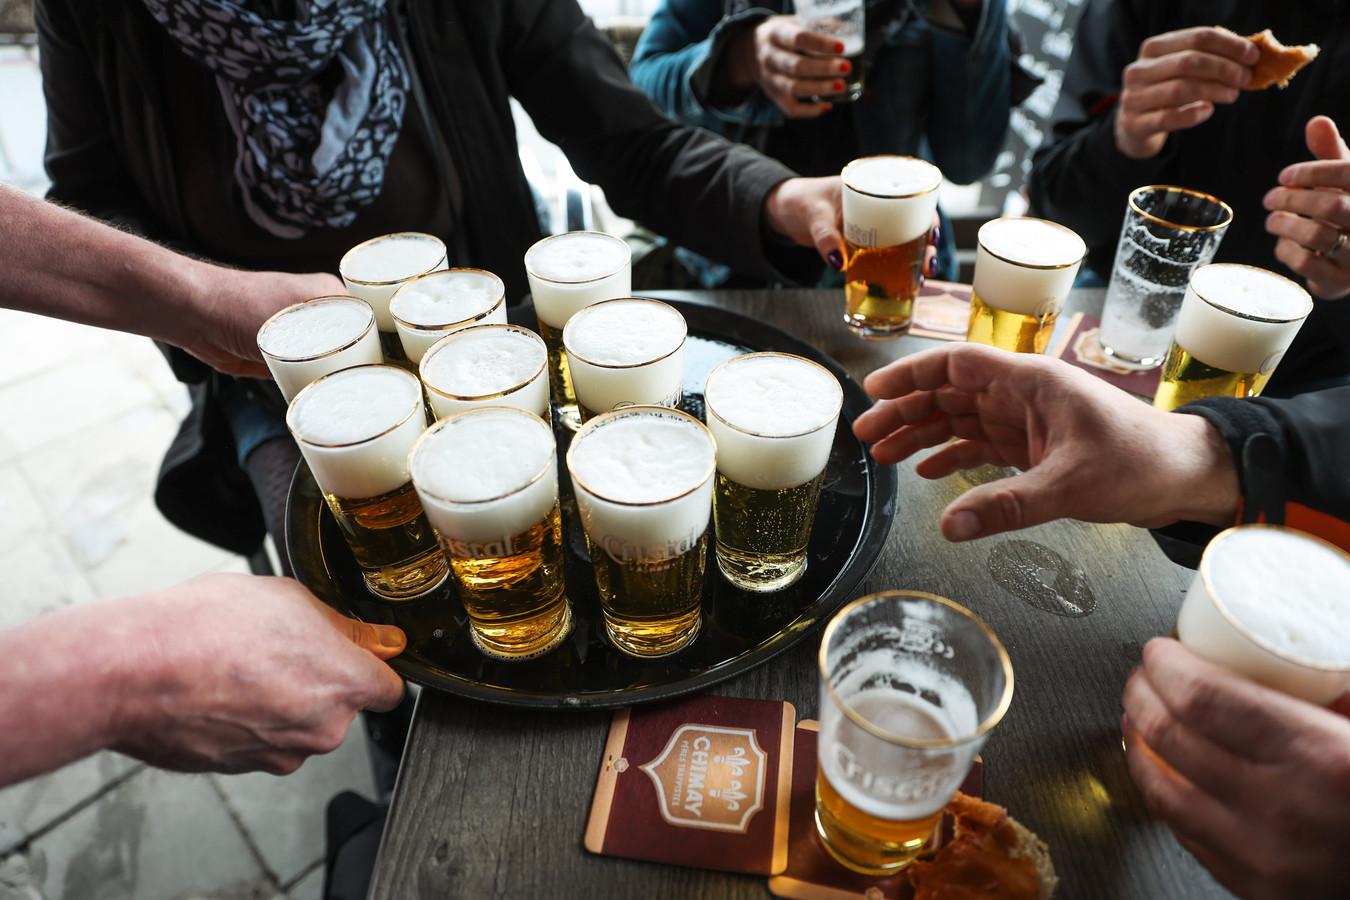 Het afgelopen weekend vloeide de alcohol rijkelijk op de Antwerpse terrassen. Een tiental mensen moest opgenomen worden in het ziekenhuis, omdat ze te veel gedronken hadden.